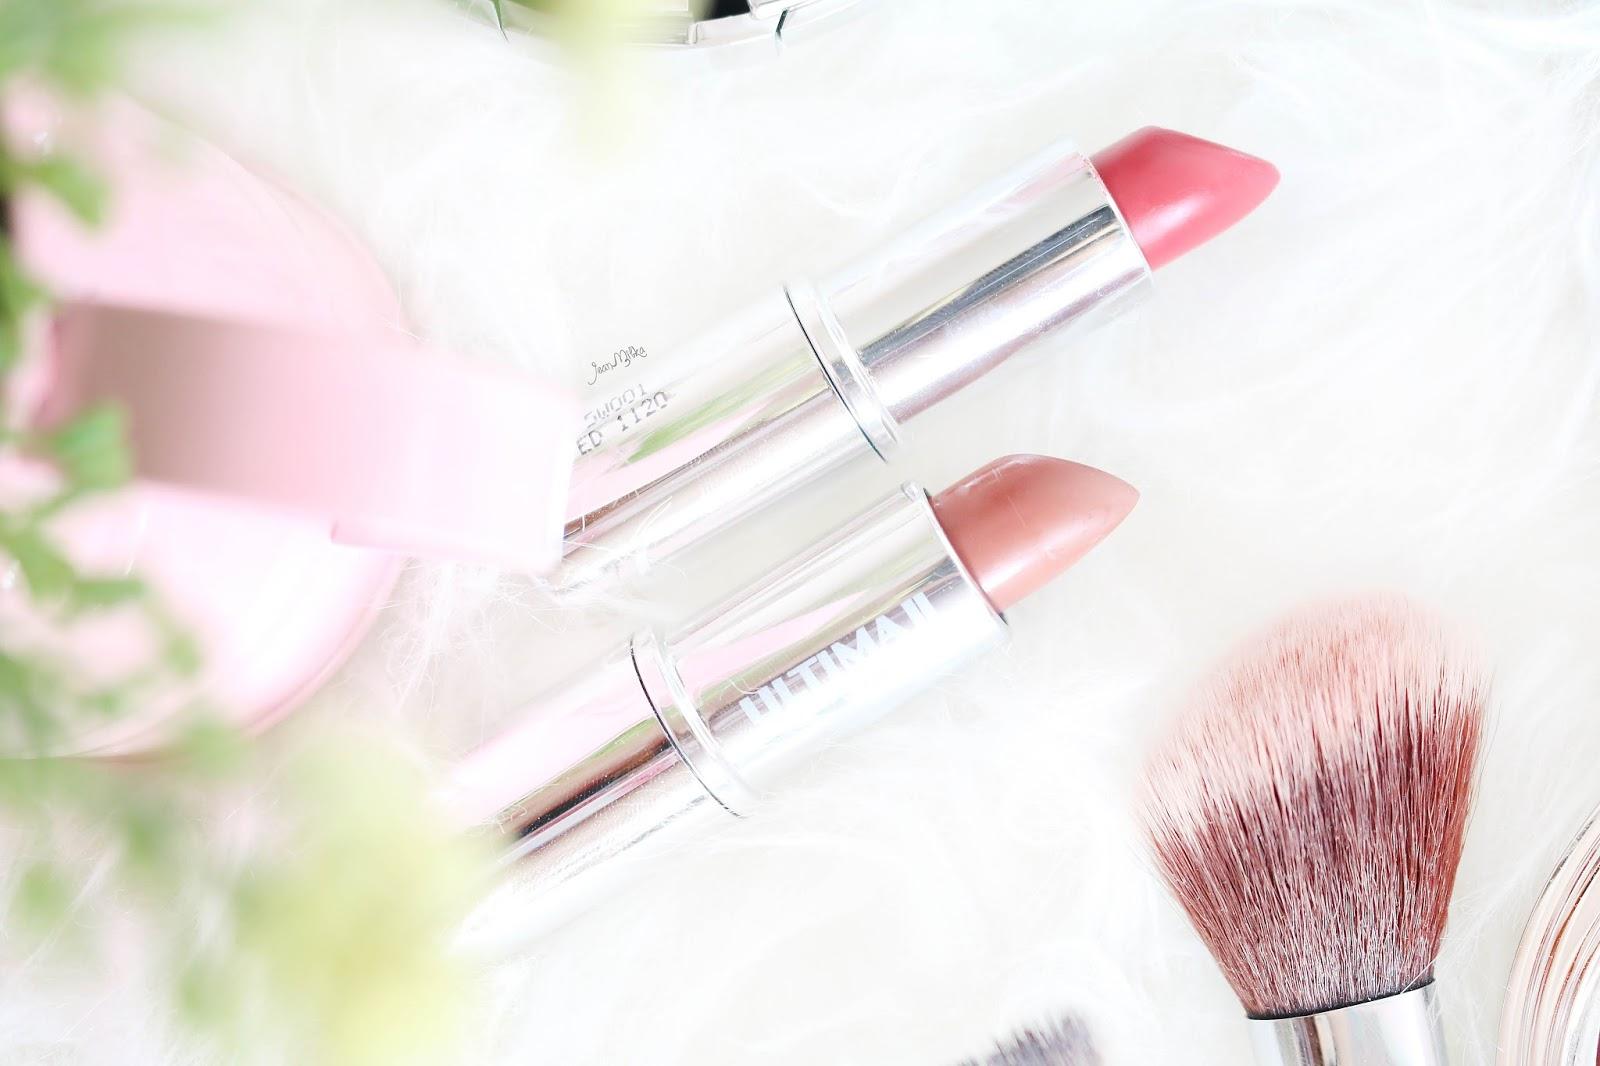 ultima, ultima ii, ultima delicate, ultima blush, ultima lipstick, ultima ii delicate, ultima ii blush, ultima ii lipstick, product review, makeup murah, makeup untuk pemula